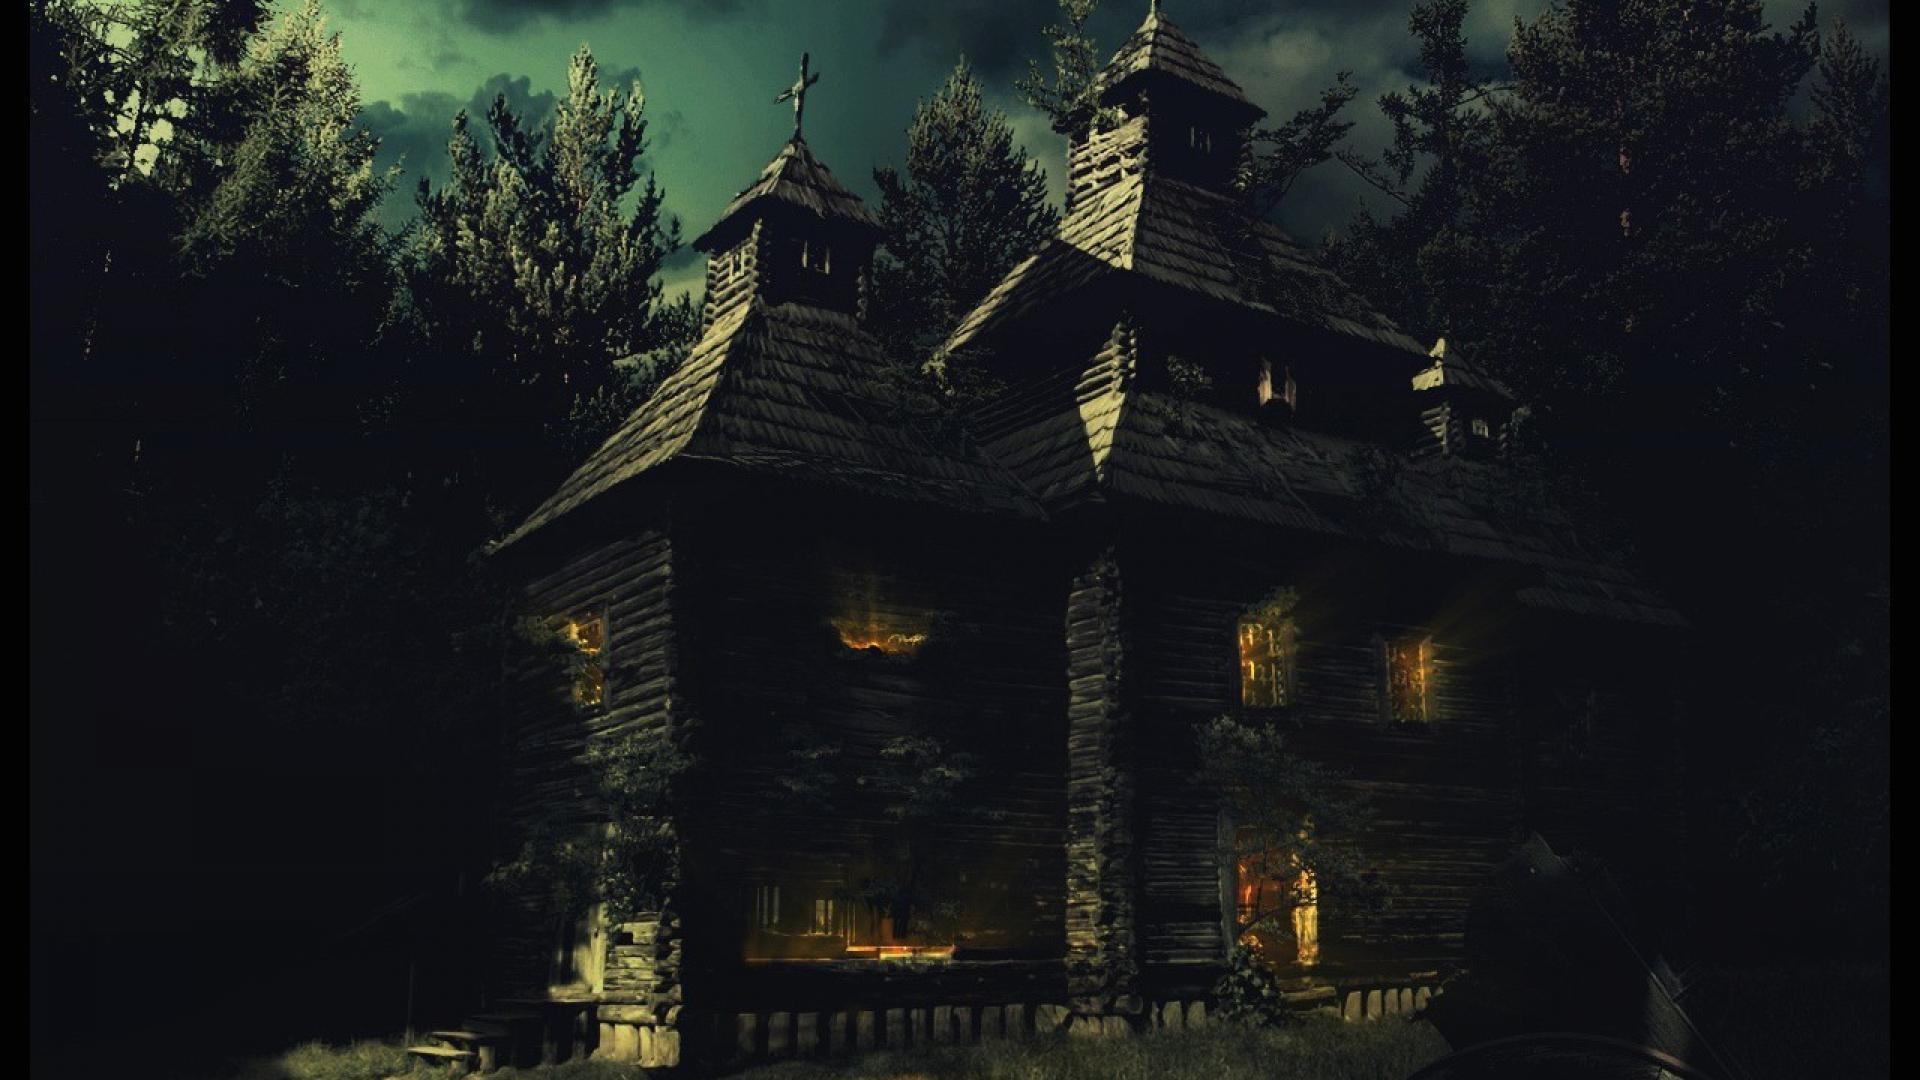 Haunted House Wallpaper Desktop 1